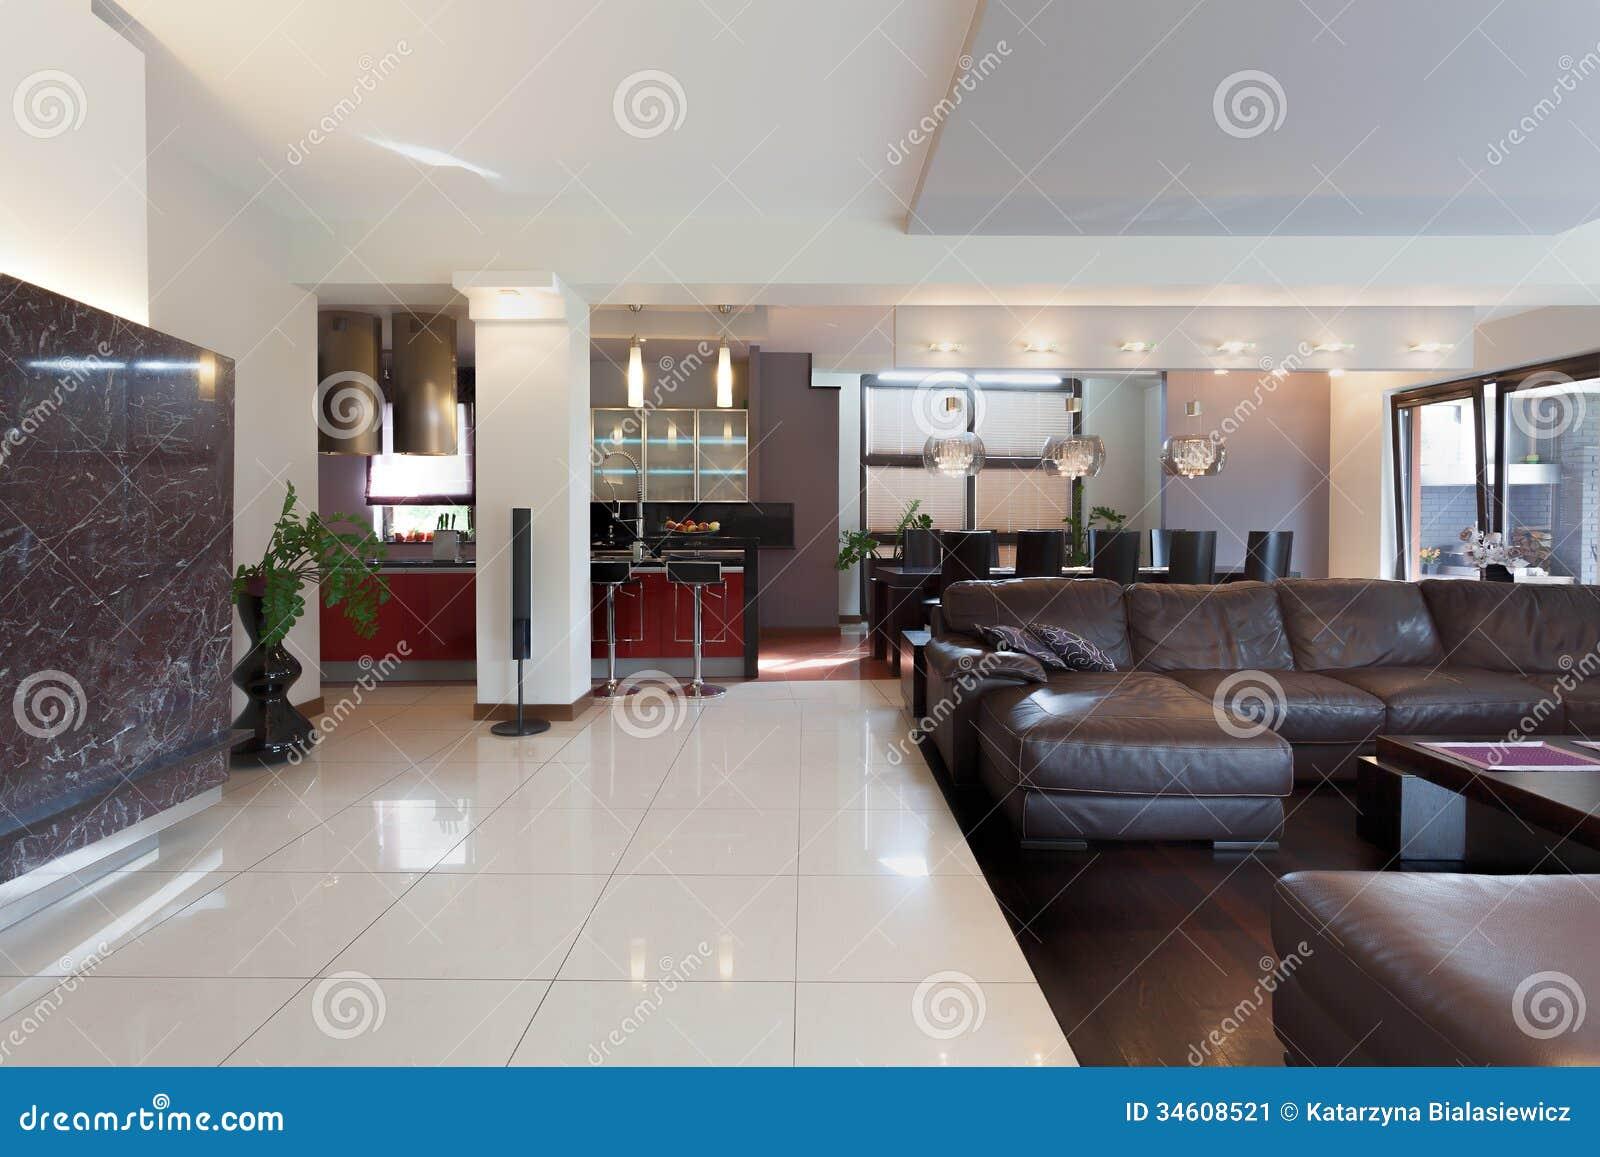 Cozinha Sala De Visitas E Sala De Jantar Imagem de Stock Imagem  #745E4E 1300 957